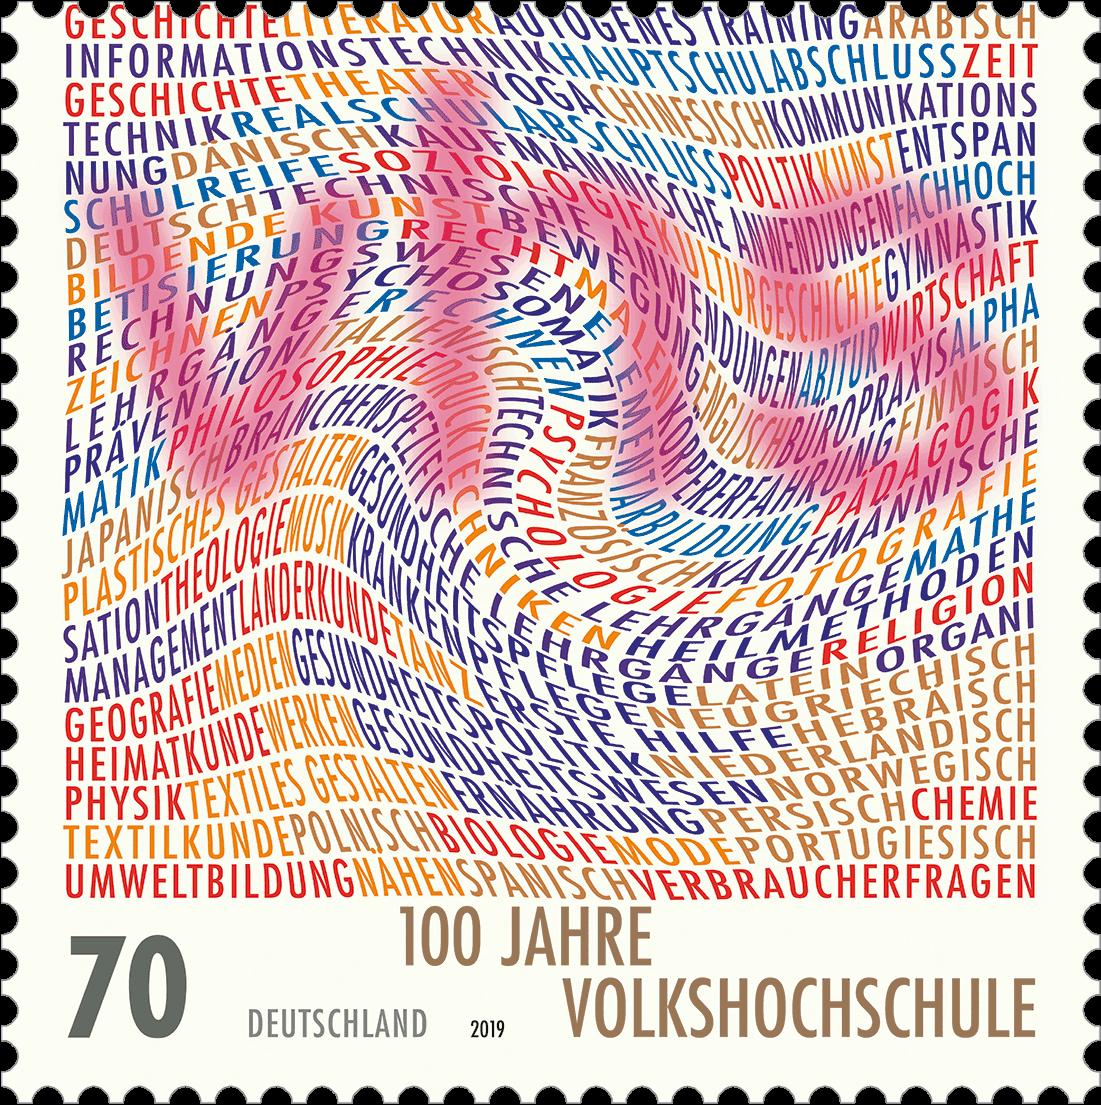 https://www.borek.de/briefmarke-100-jahre-volkshochschule